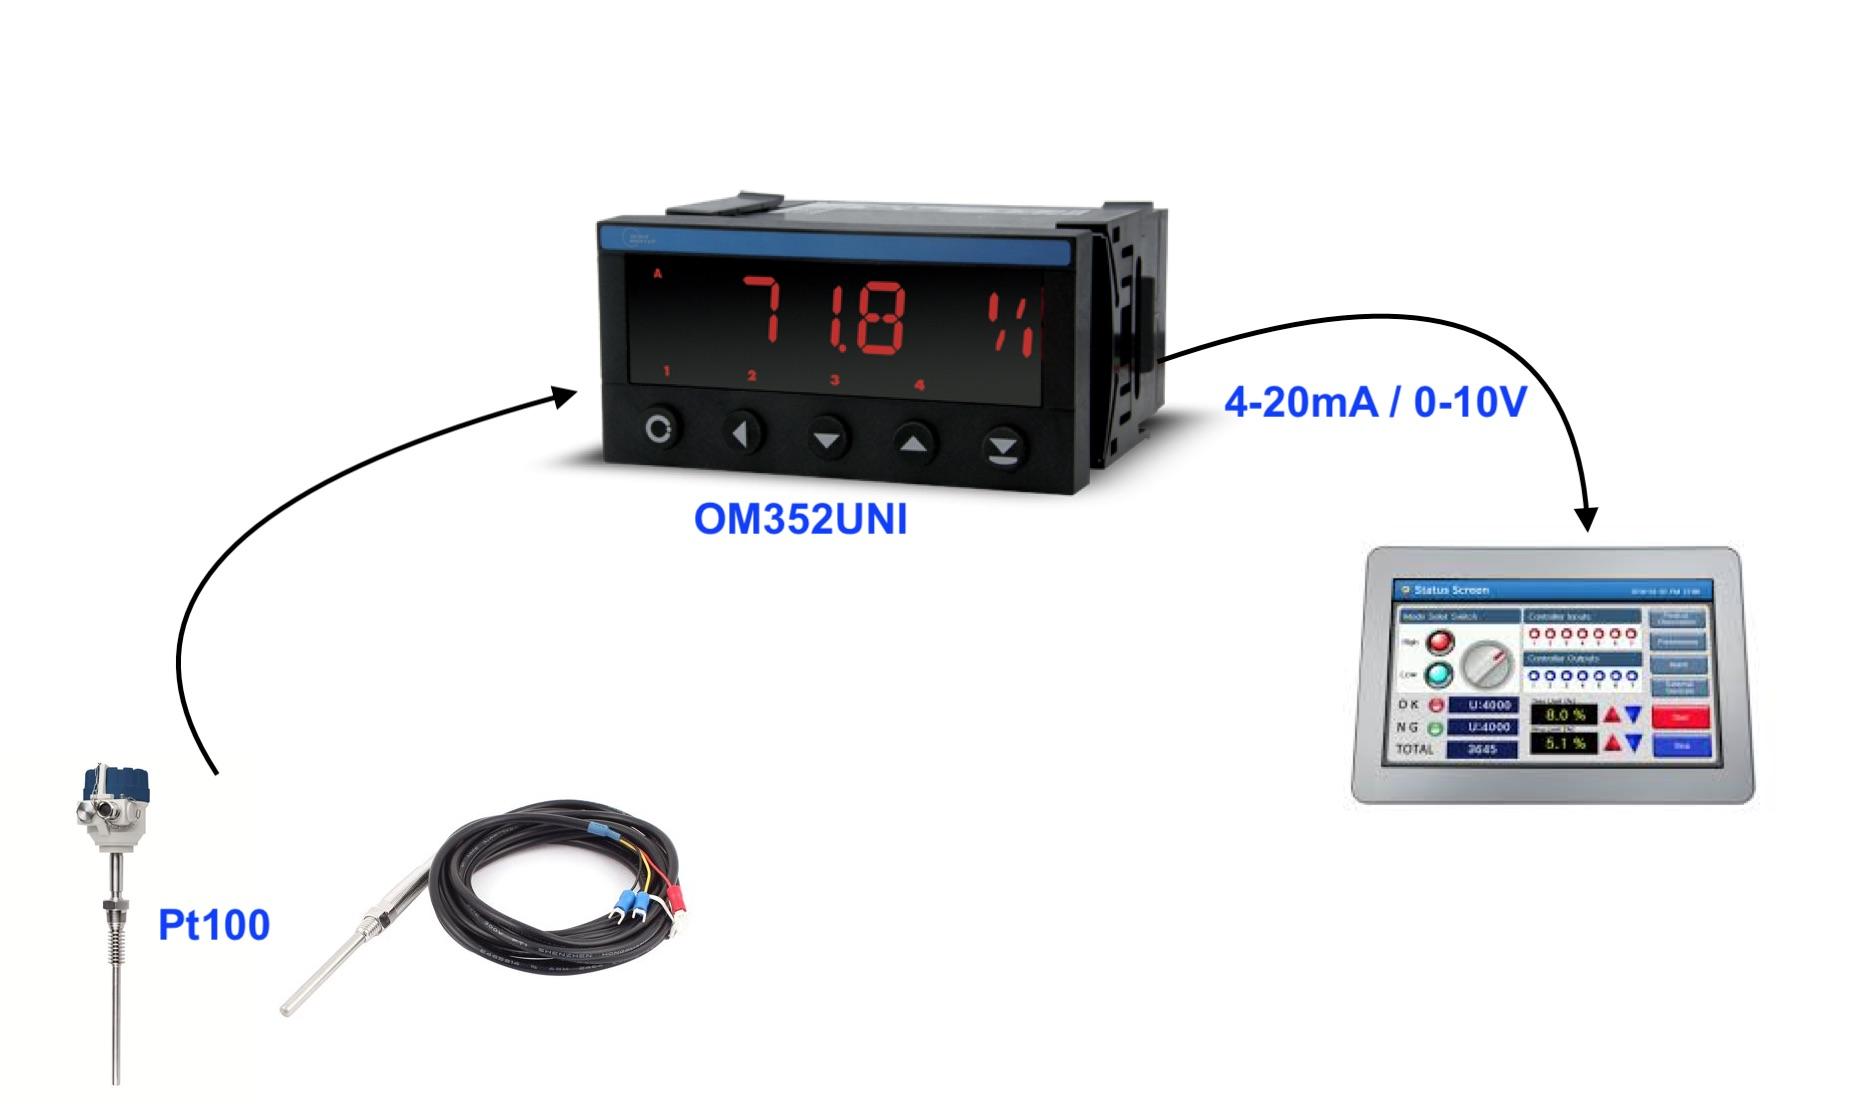 Bộ chuyển nhiệt độ Pt100 - OM352UNI